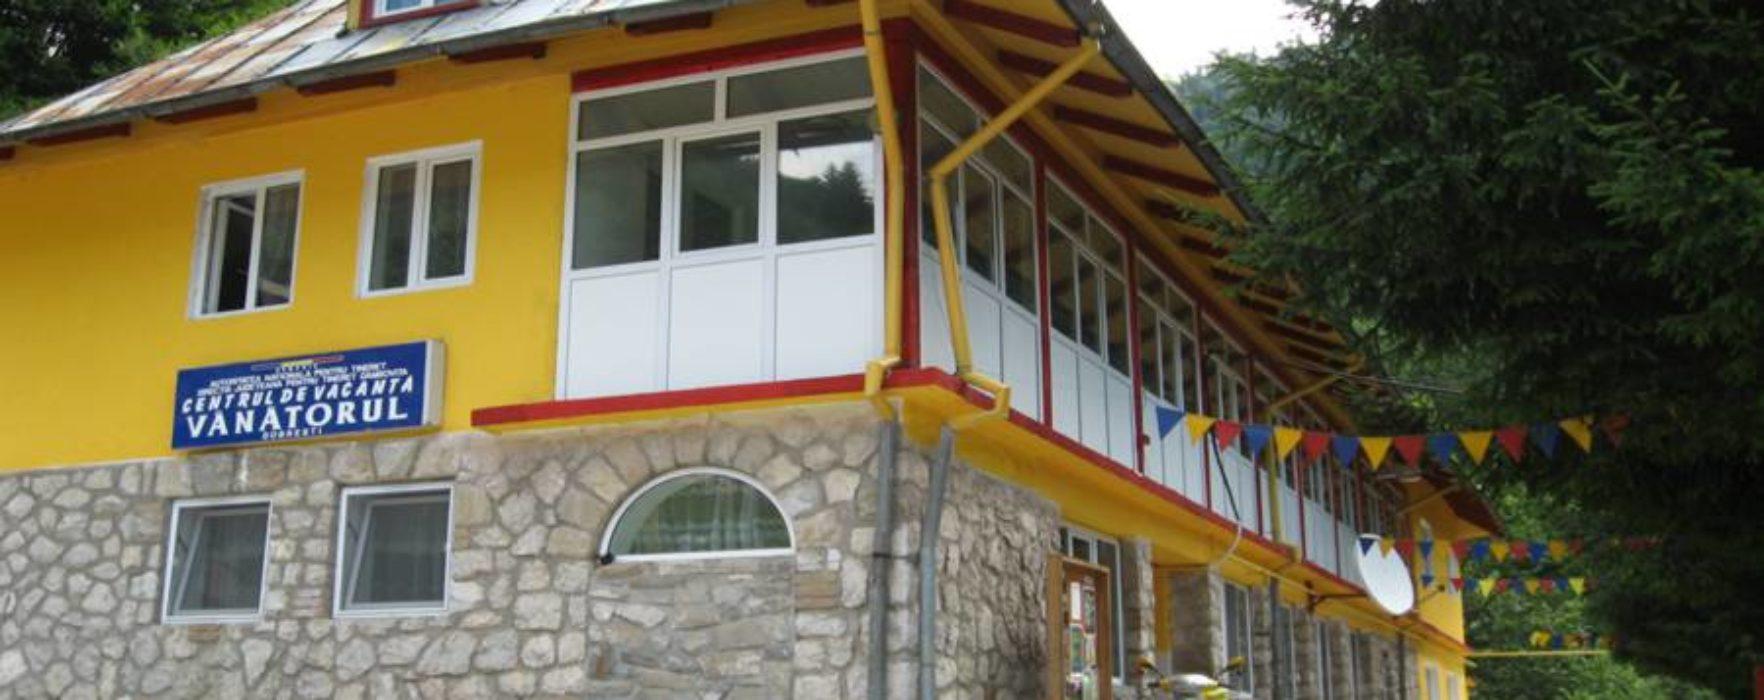 Dâmboviţa: Consiliul judeţean vrea să reabiliteze taberele şcolare şi să o concesioneze pe cea care se află în conservare